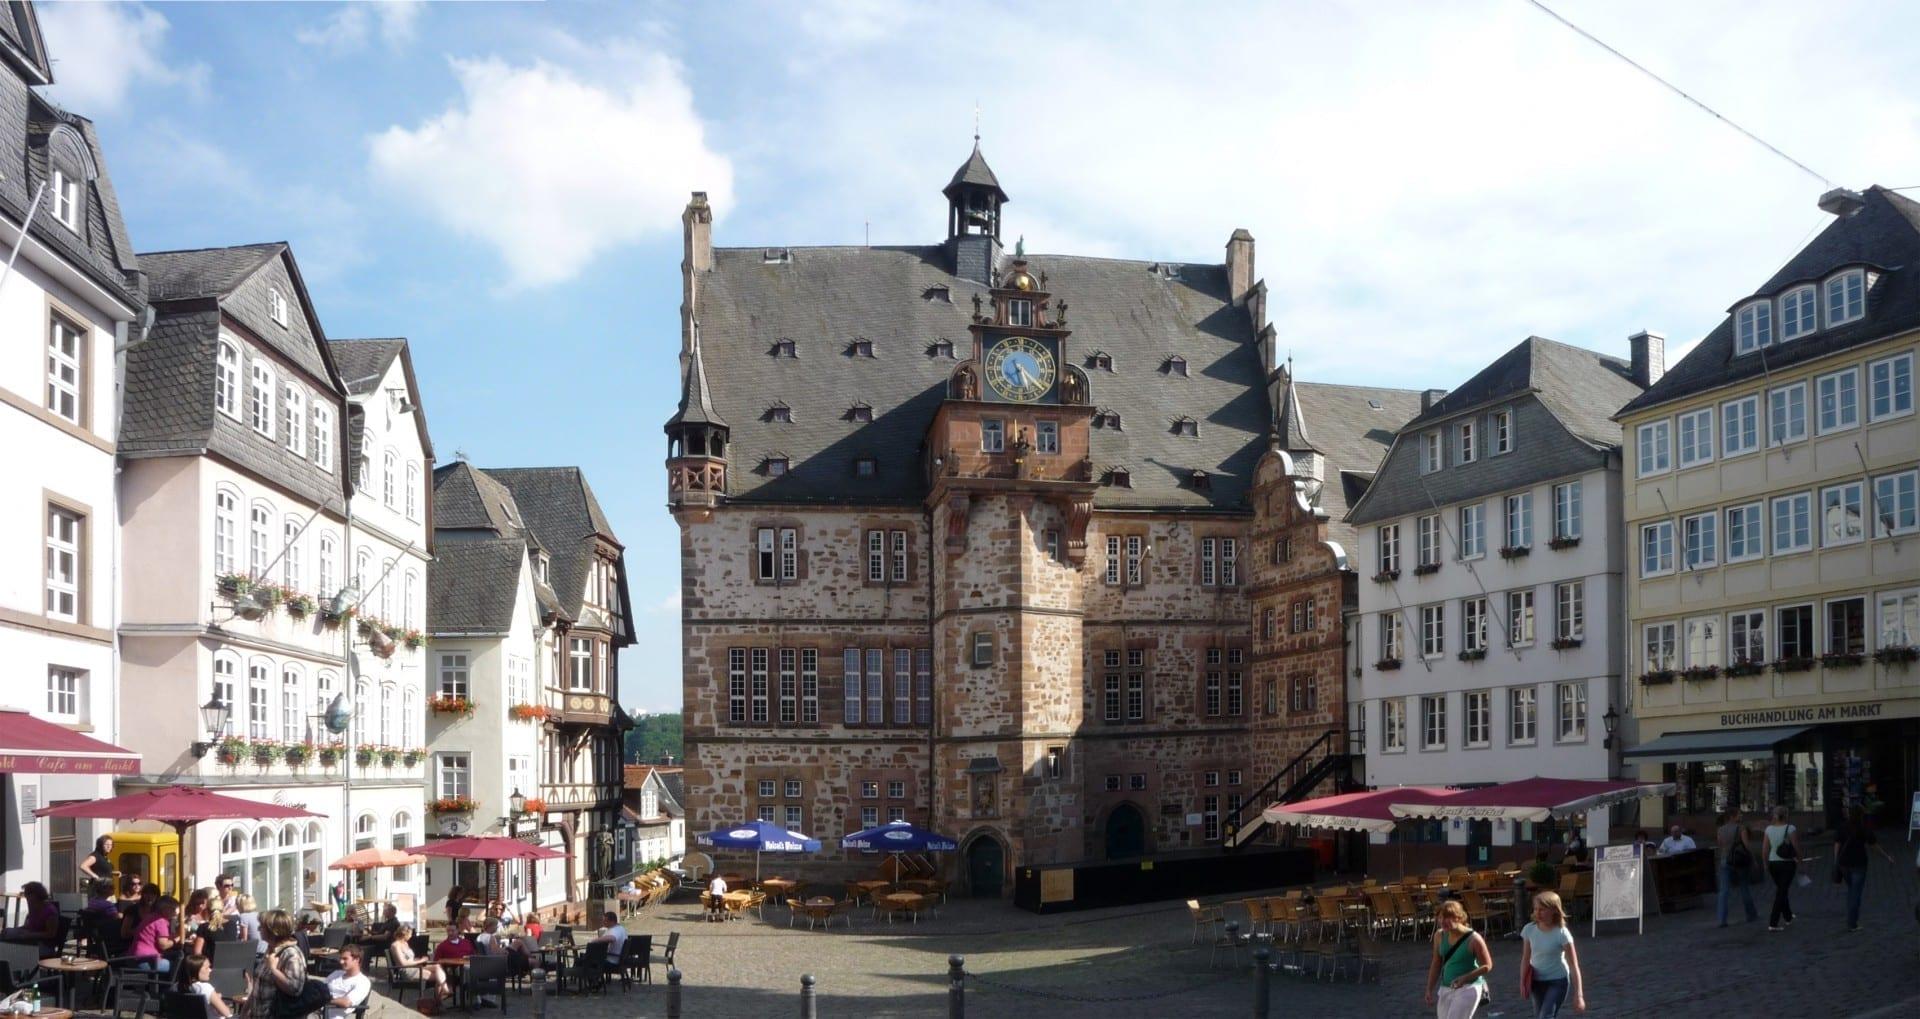 El histórico ayuntamiento y el mercado del Oberstadt Marburg Alemania